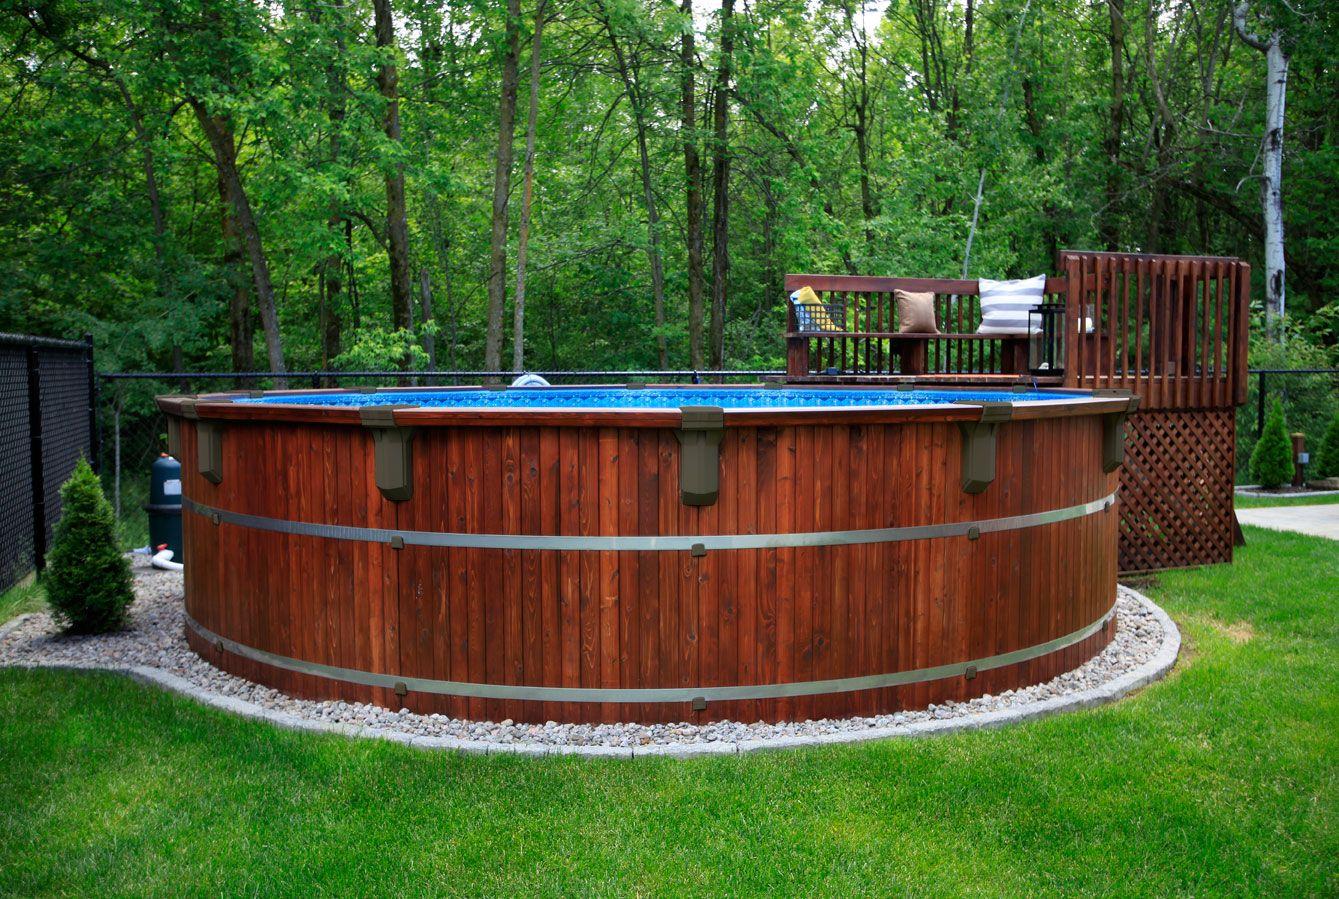 Piscine contempra piscines hors terre club piscine piscine for Club piscine pool liners